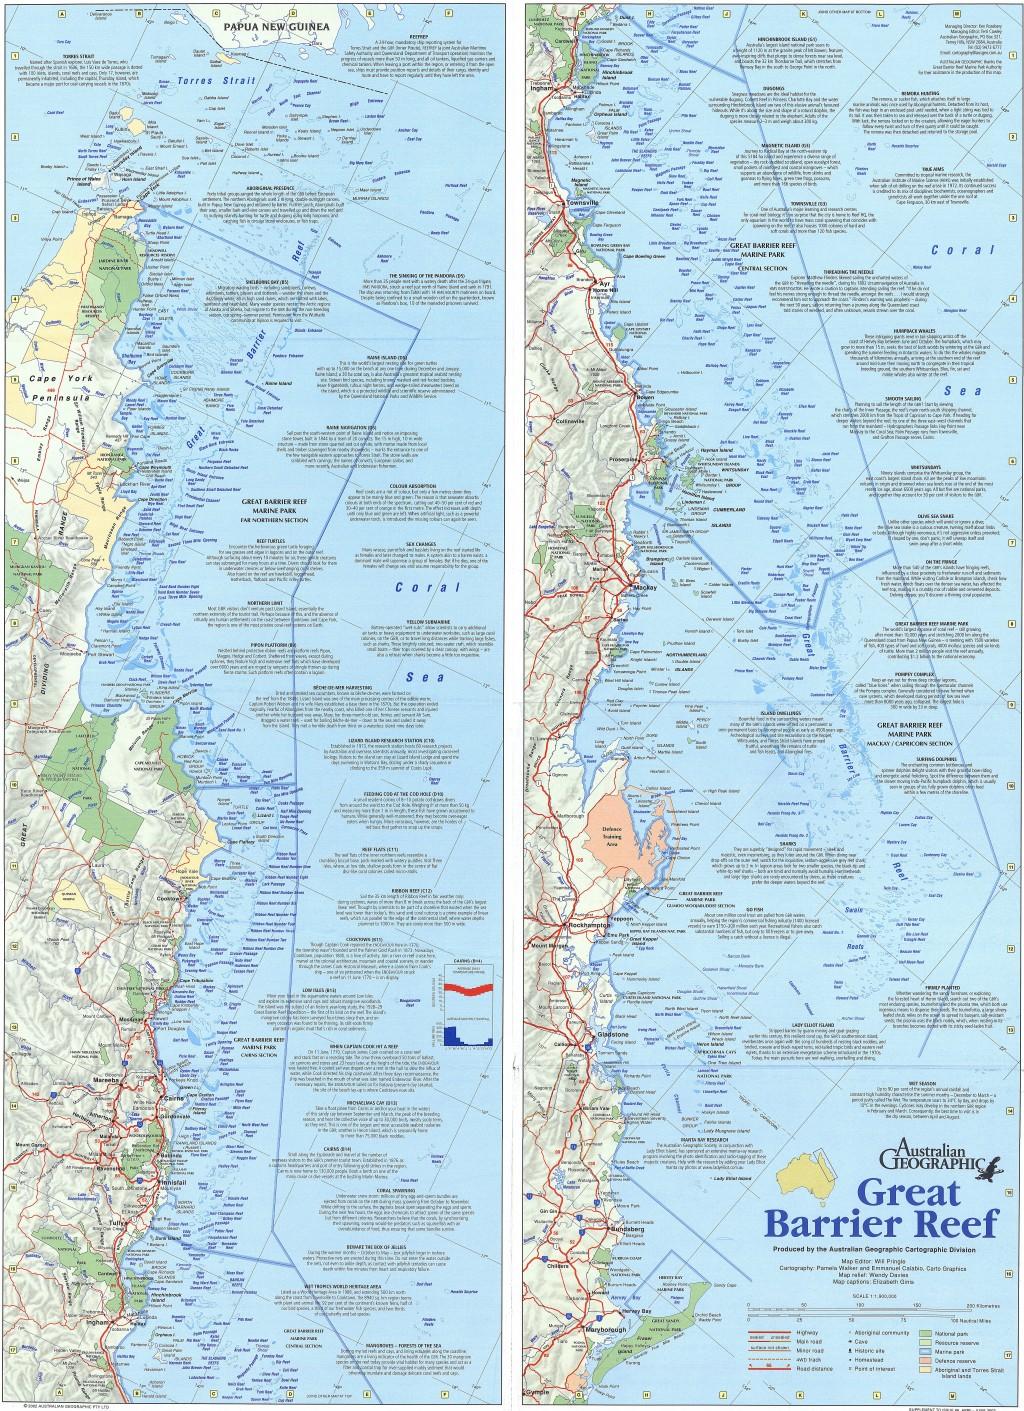 Great Barrier Reef Queensland Map Australian Geographic - Detailed map of queensland australia